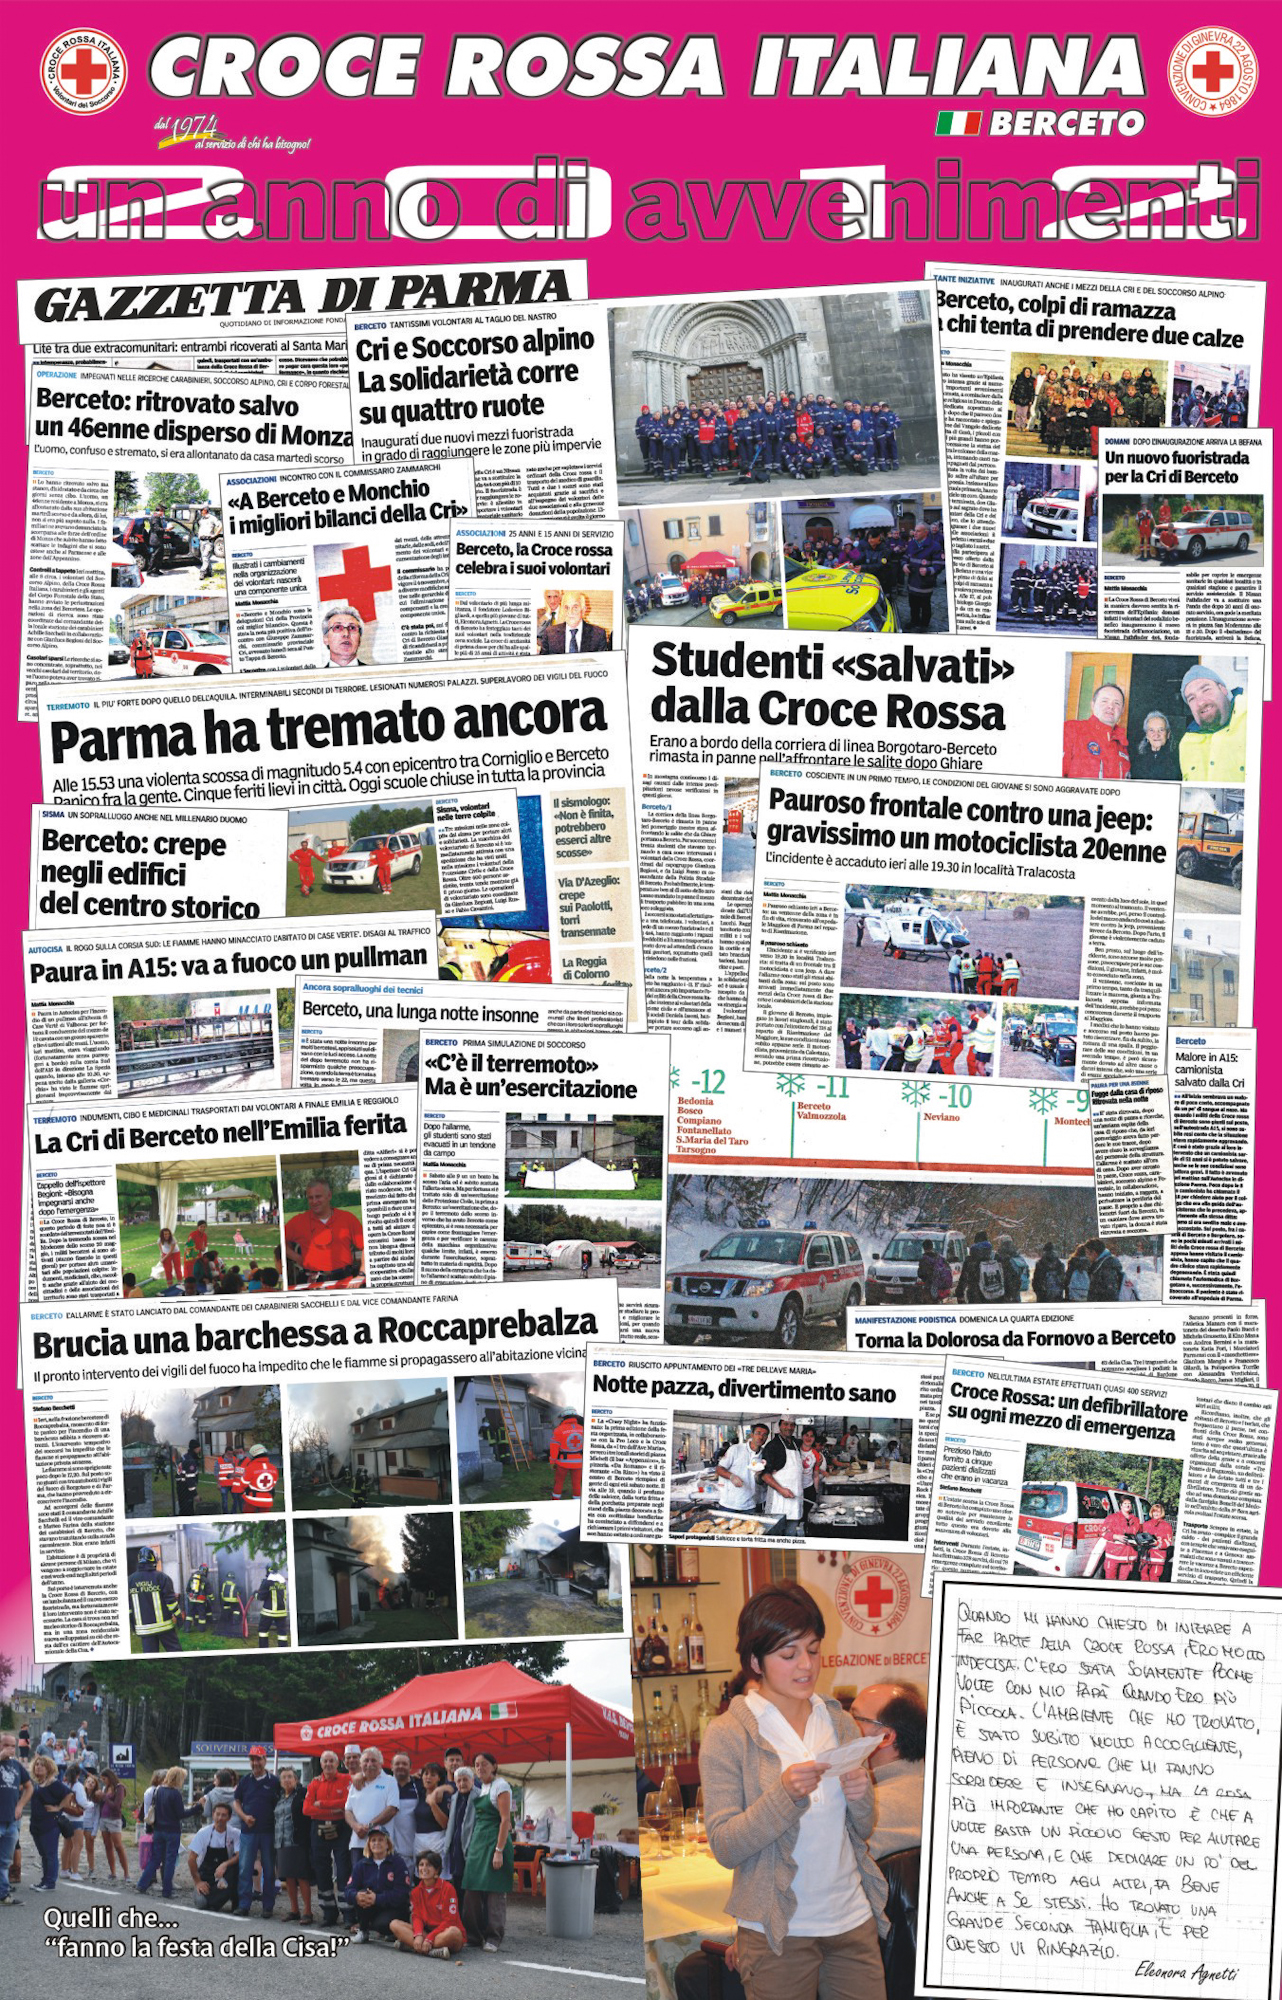 Manifesto Resoconto attività 2012 Croce Rossa Berceto (100)